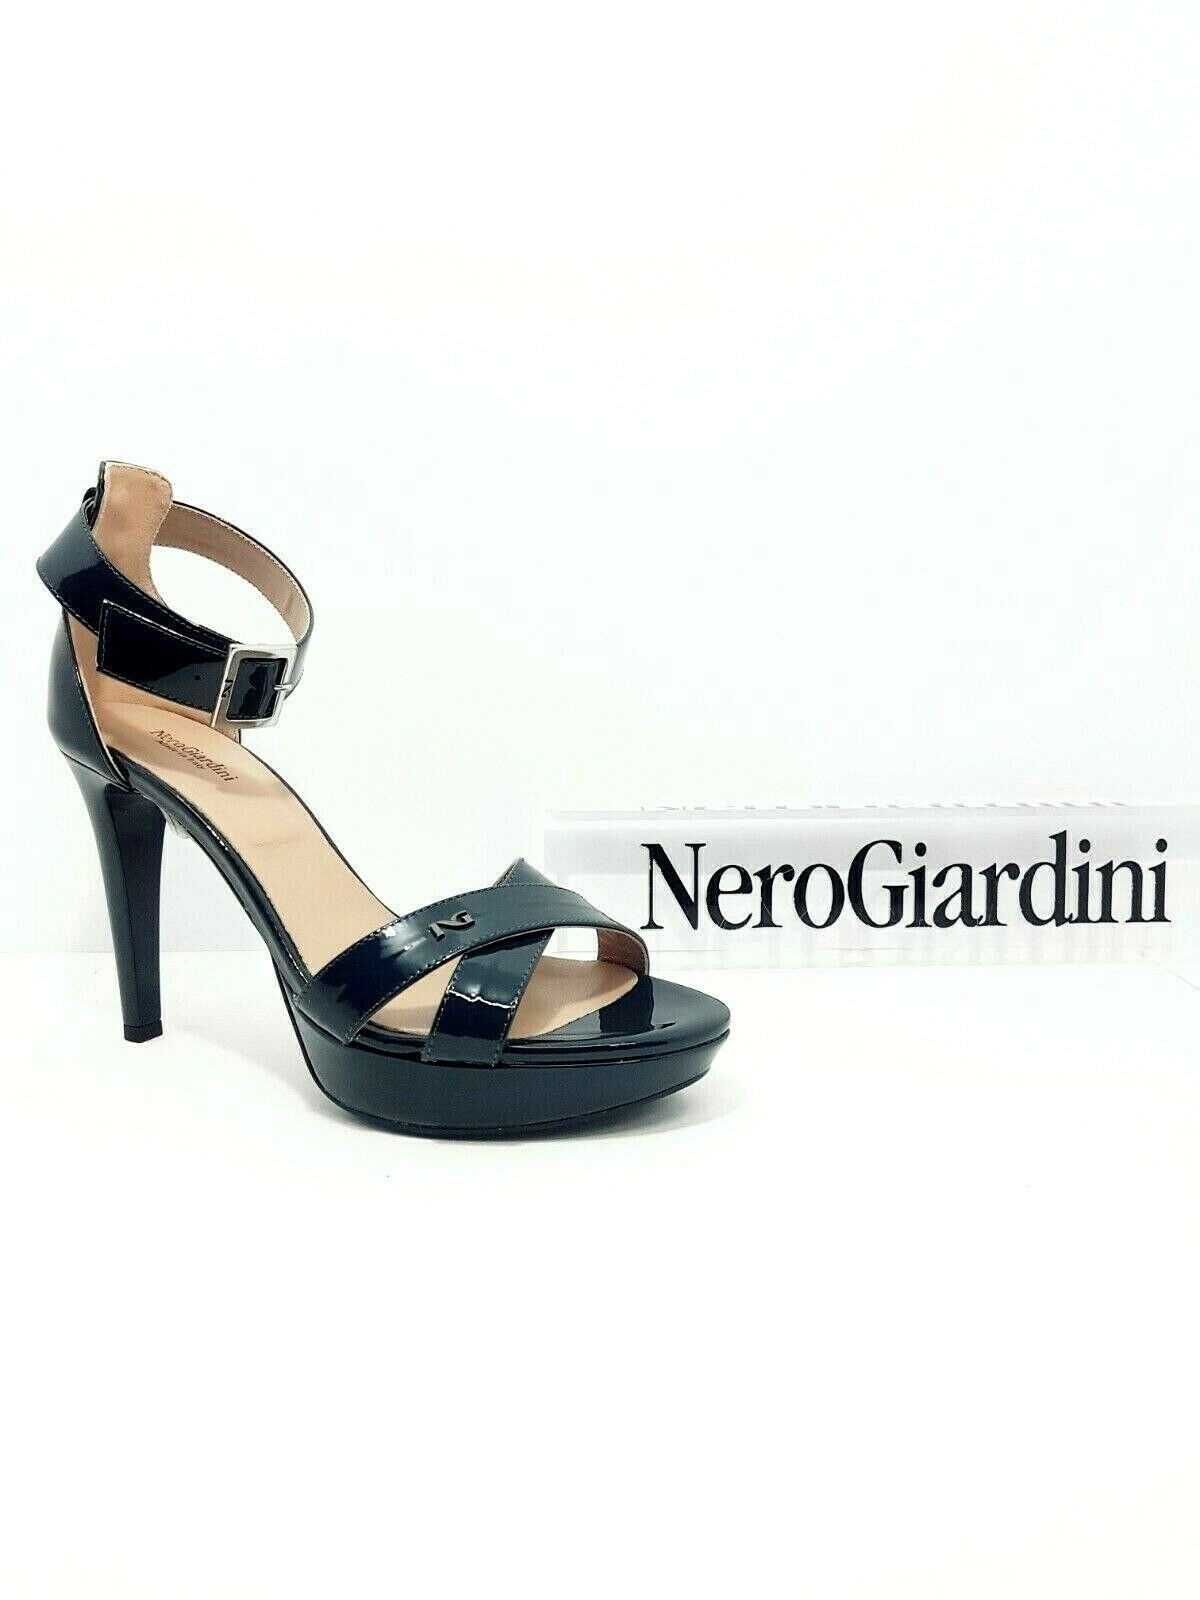 Sandalo elegante Donna Nero Giardini P717881DE vernice blu